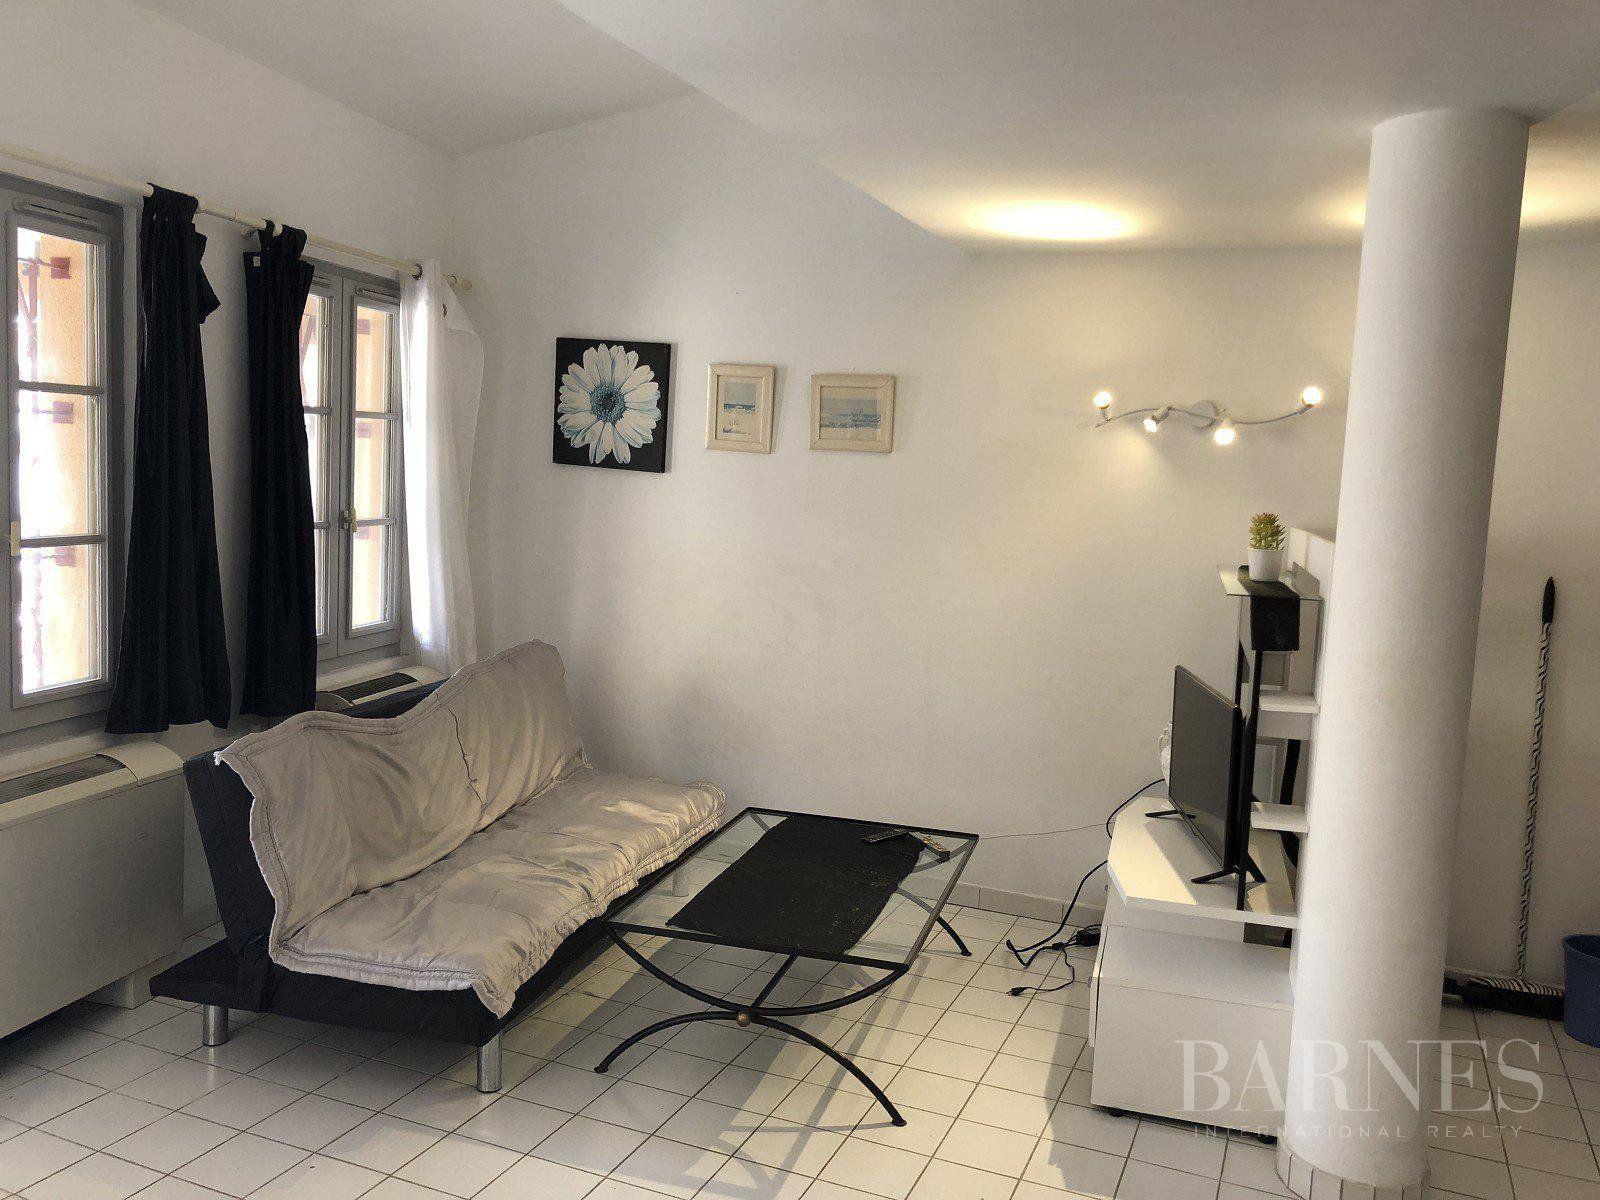 SAINT-TROPEZ- Apartment downtown in the quiet